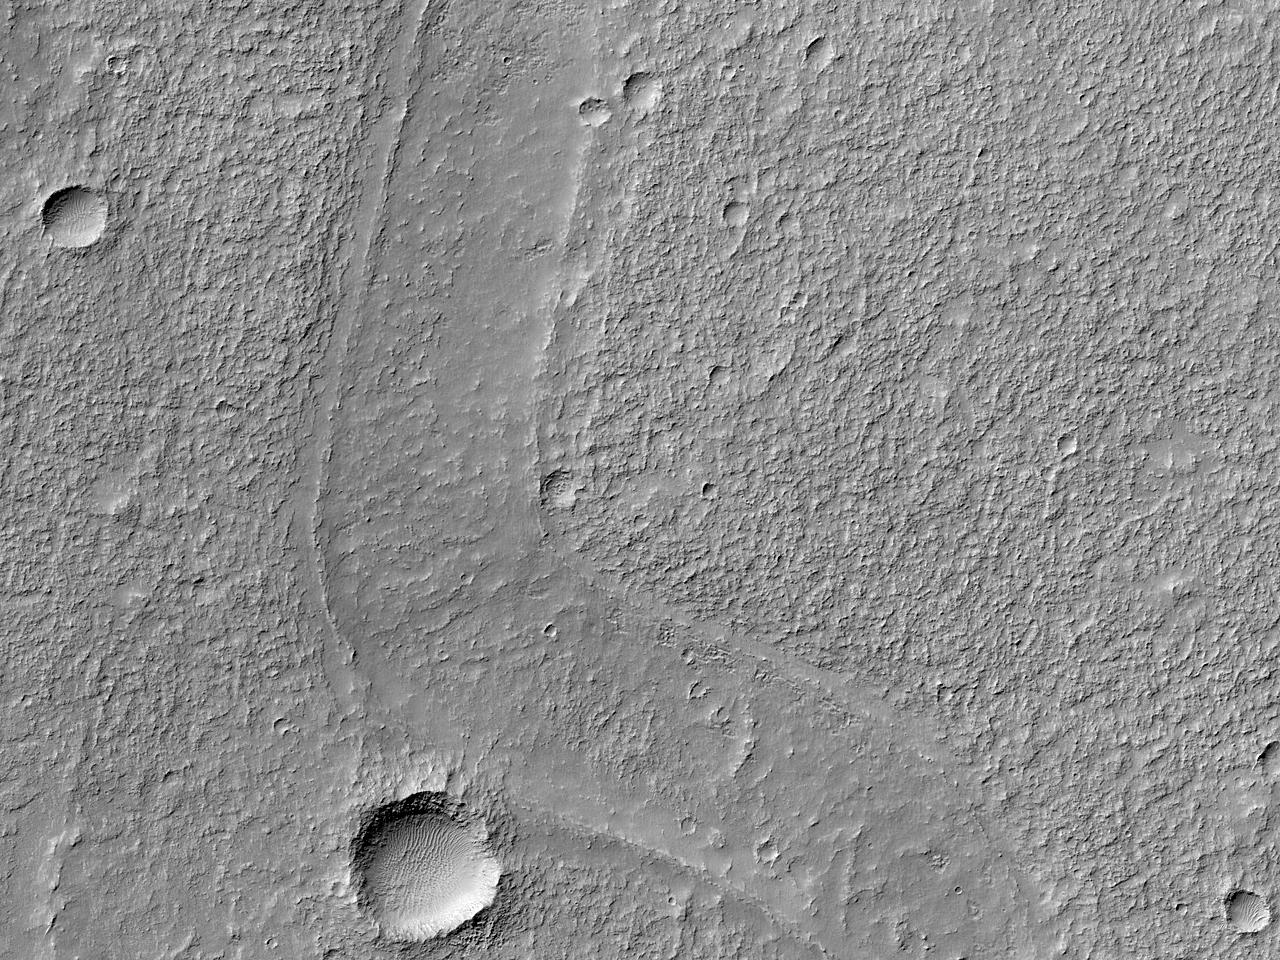 Formațiune interesantă în Terra Sirenum